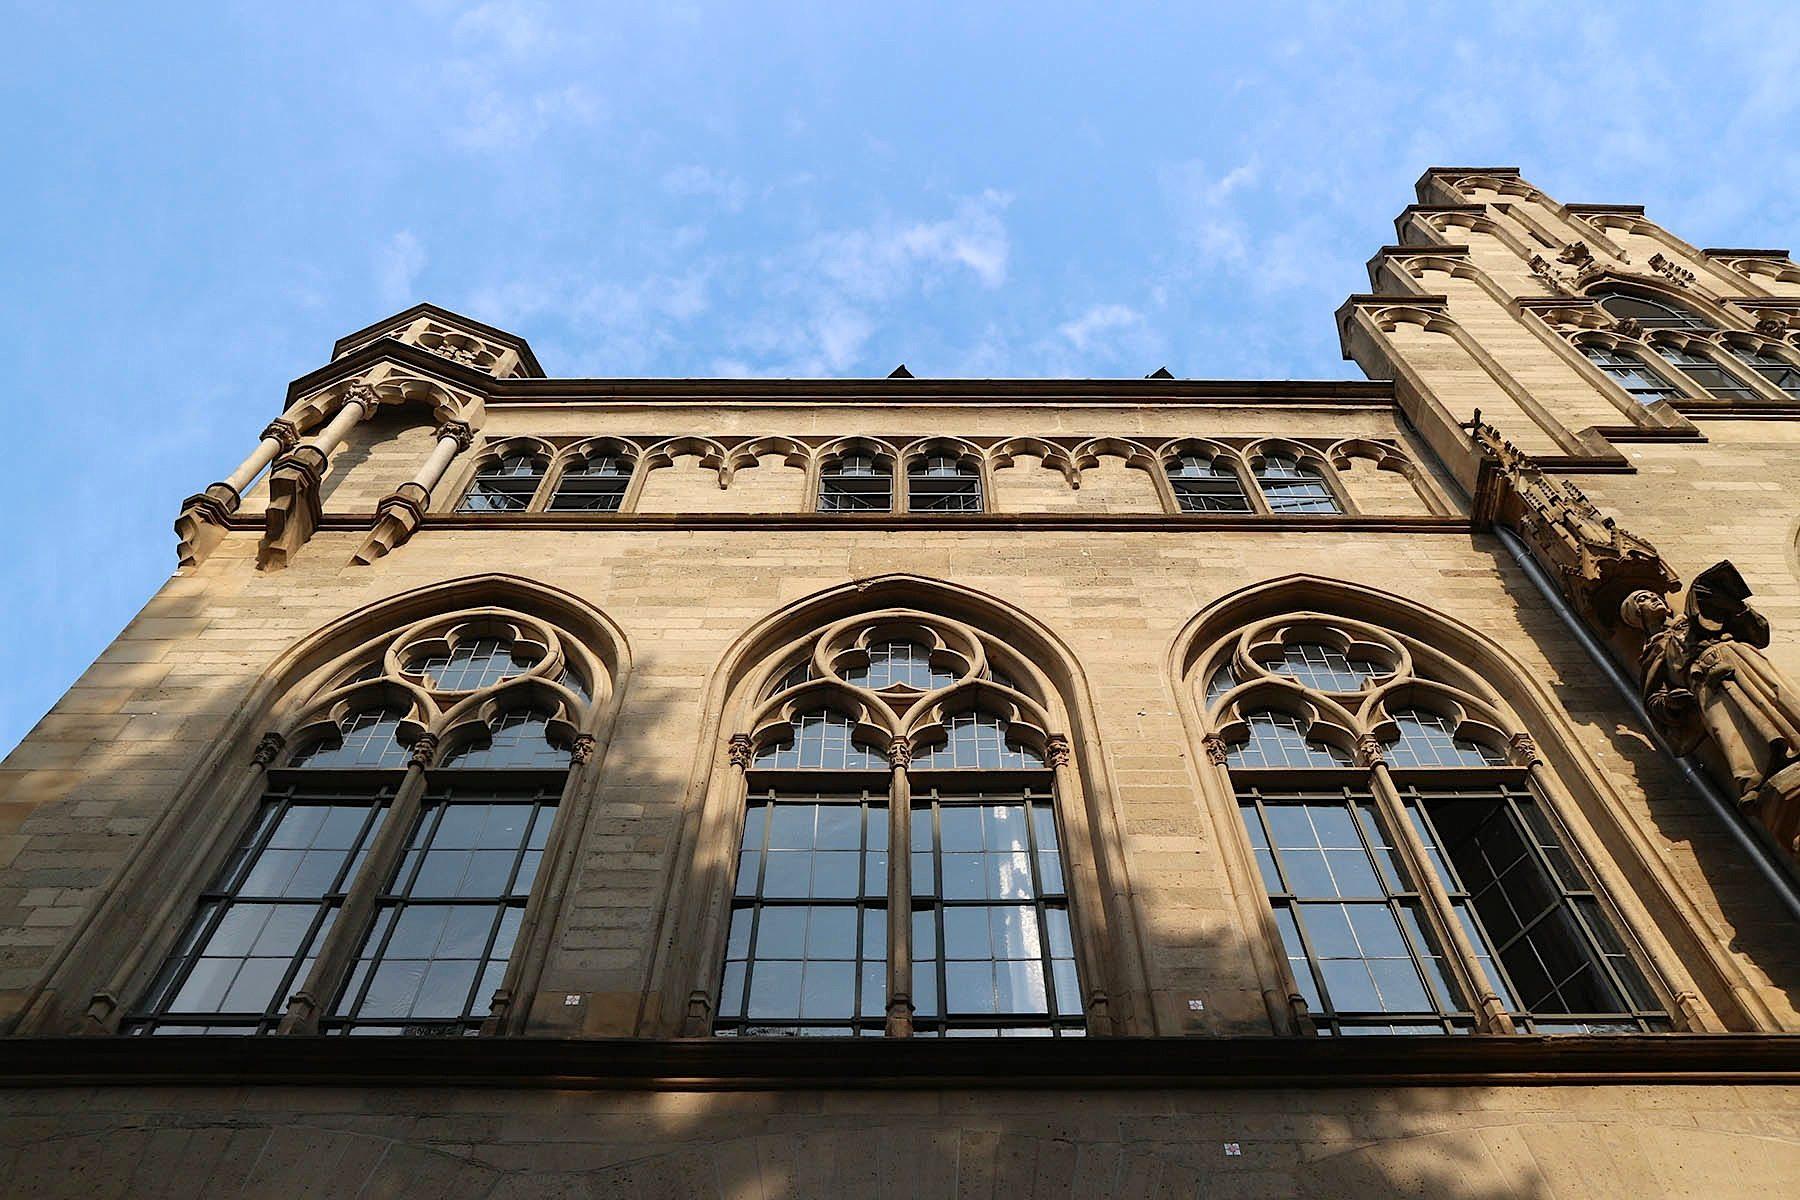 The Qvest Hotel. befindet sich im wiederbelebten Gerling-Quartier im Friesenviertel der Kölner Altstadt.